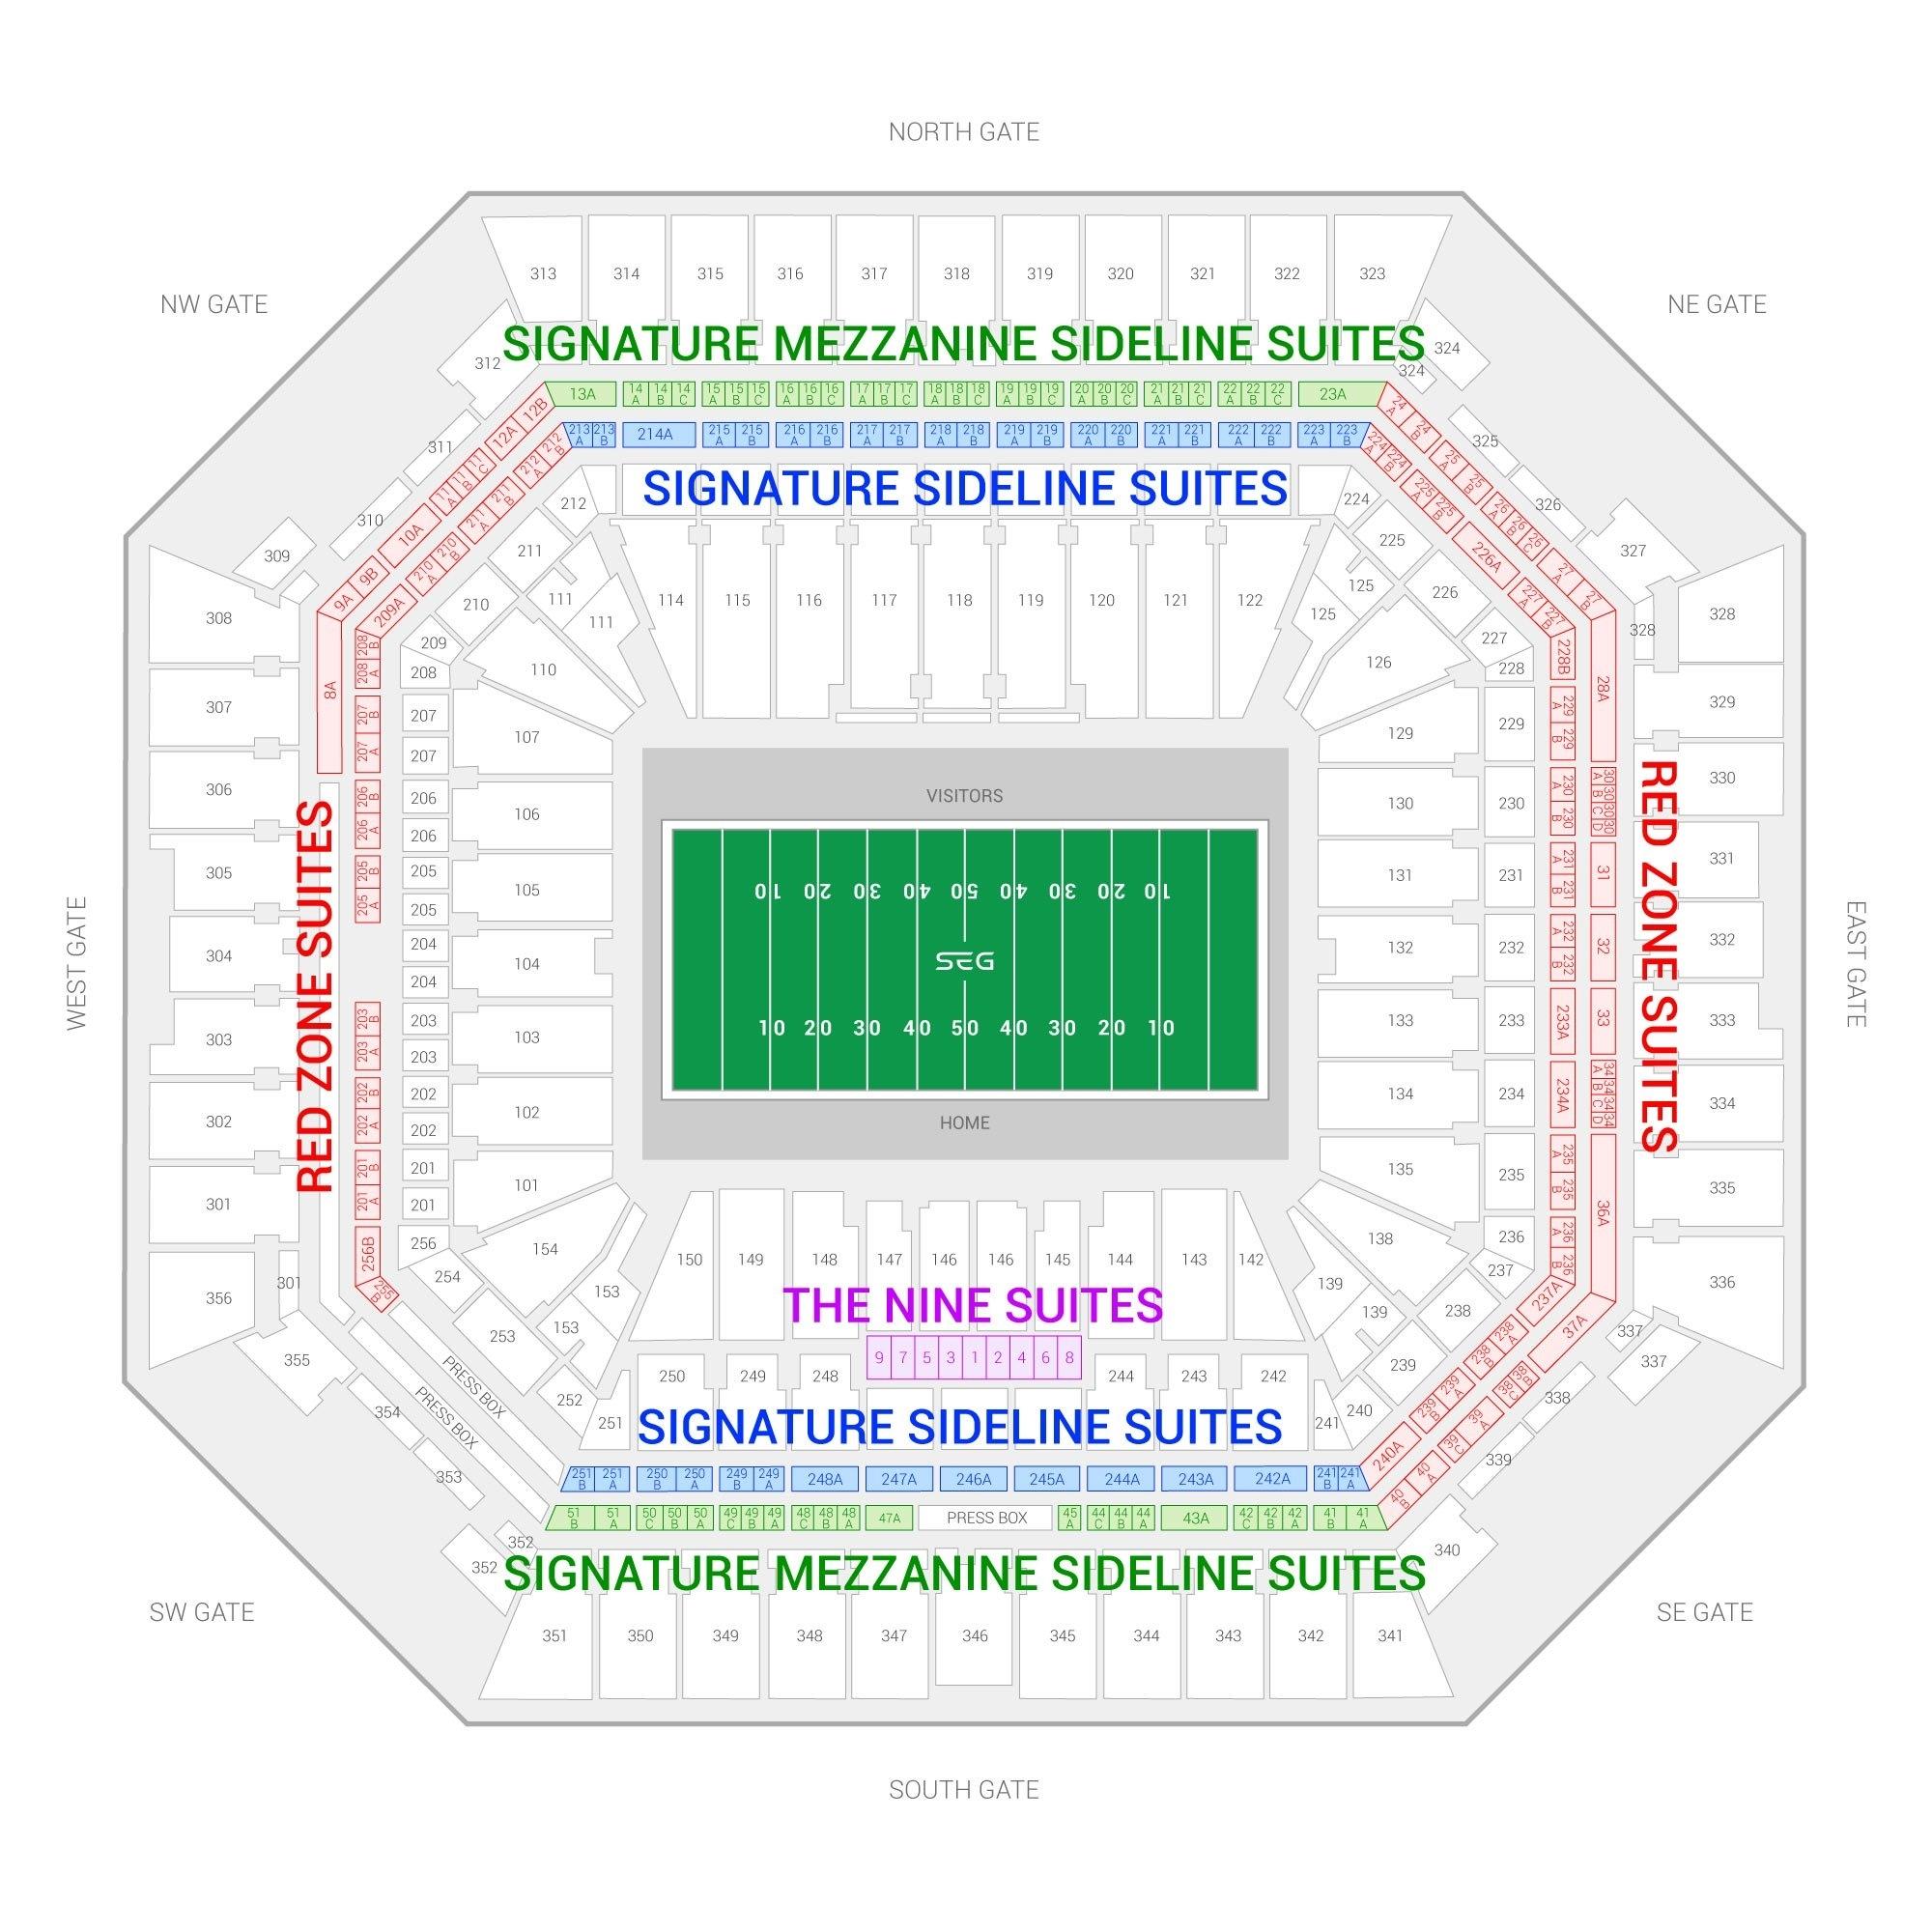 Super Bowl Liv Suite Rentals | Hard Rock Stadium regarding Super Bowl Box Seats Prices